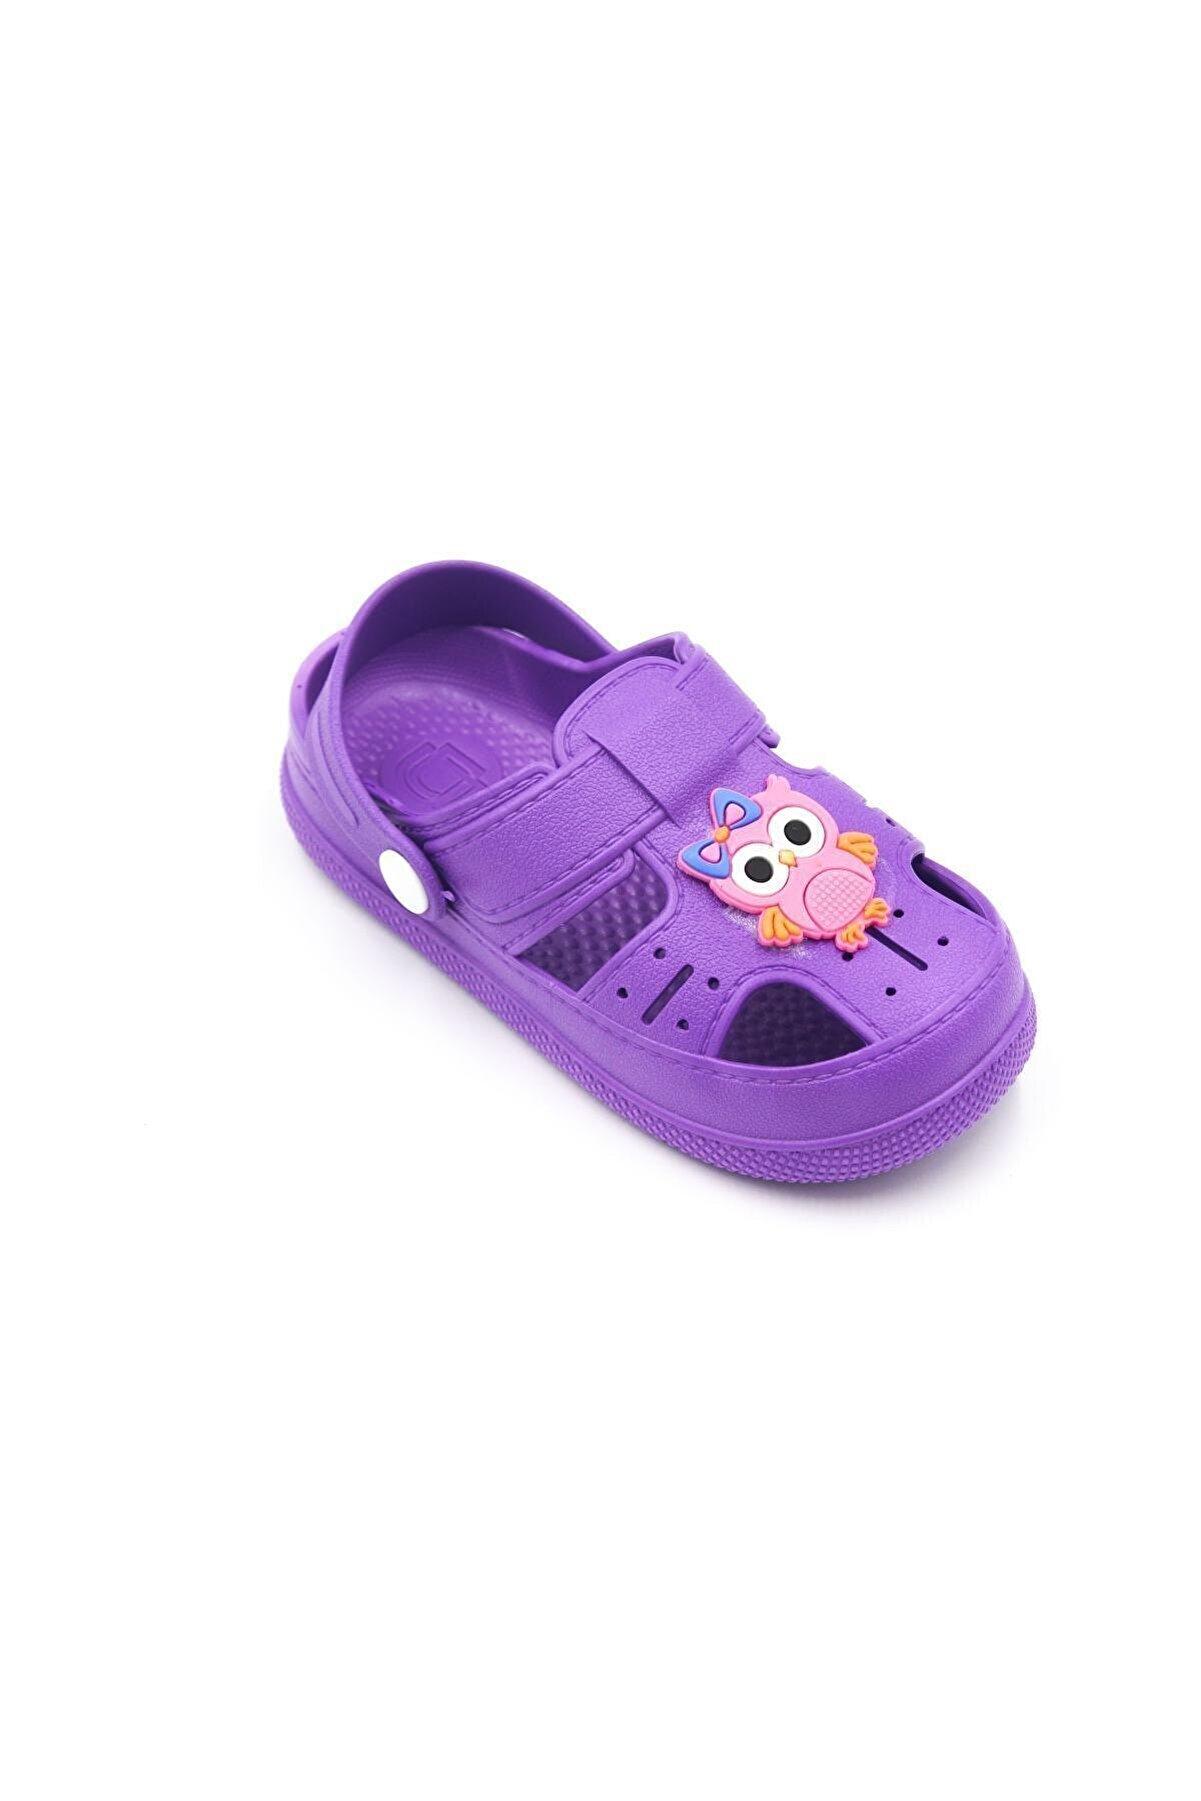 Daye Çocuk Günlük Ortopedik Kaymaz Taban Hayvan Figürlü Çocuk Sandalet Terlik - Mor